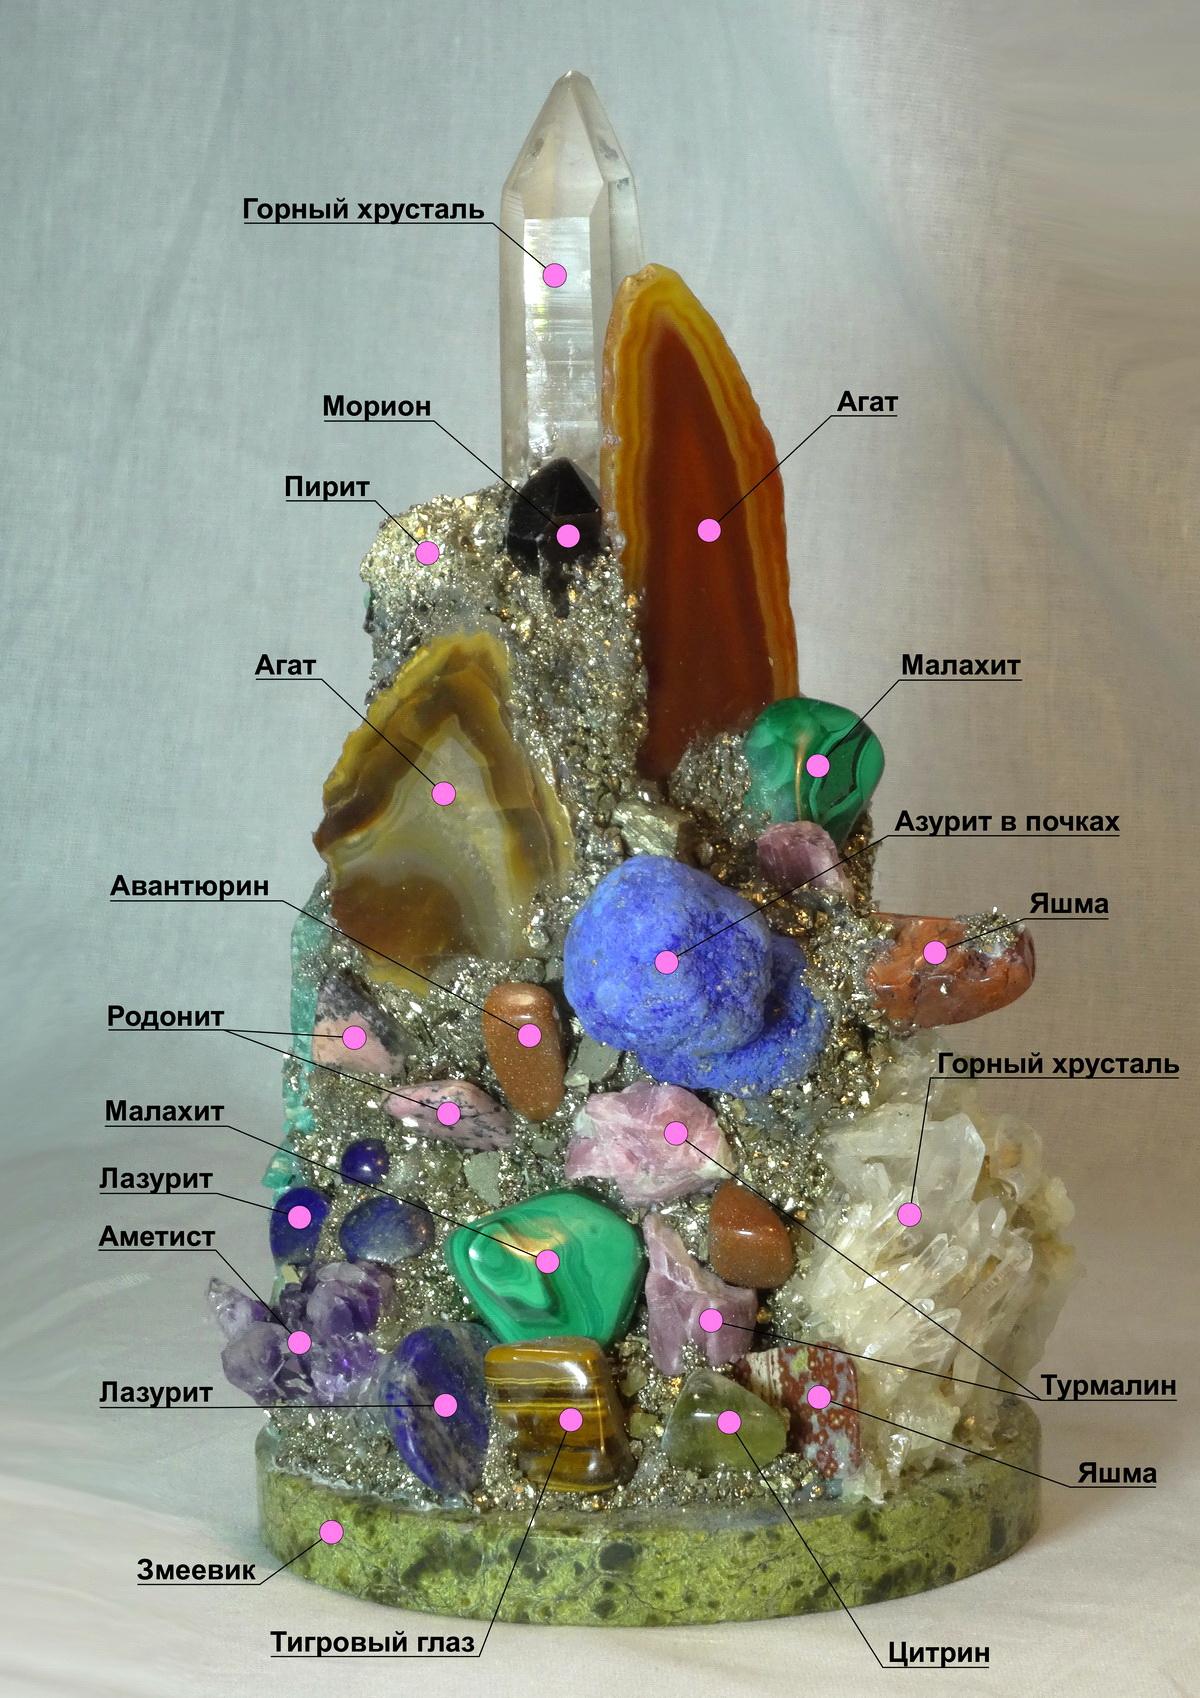 Образец минералогической горки.